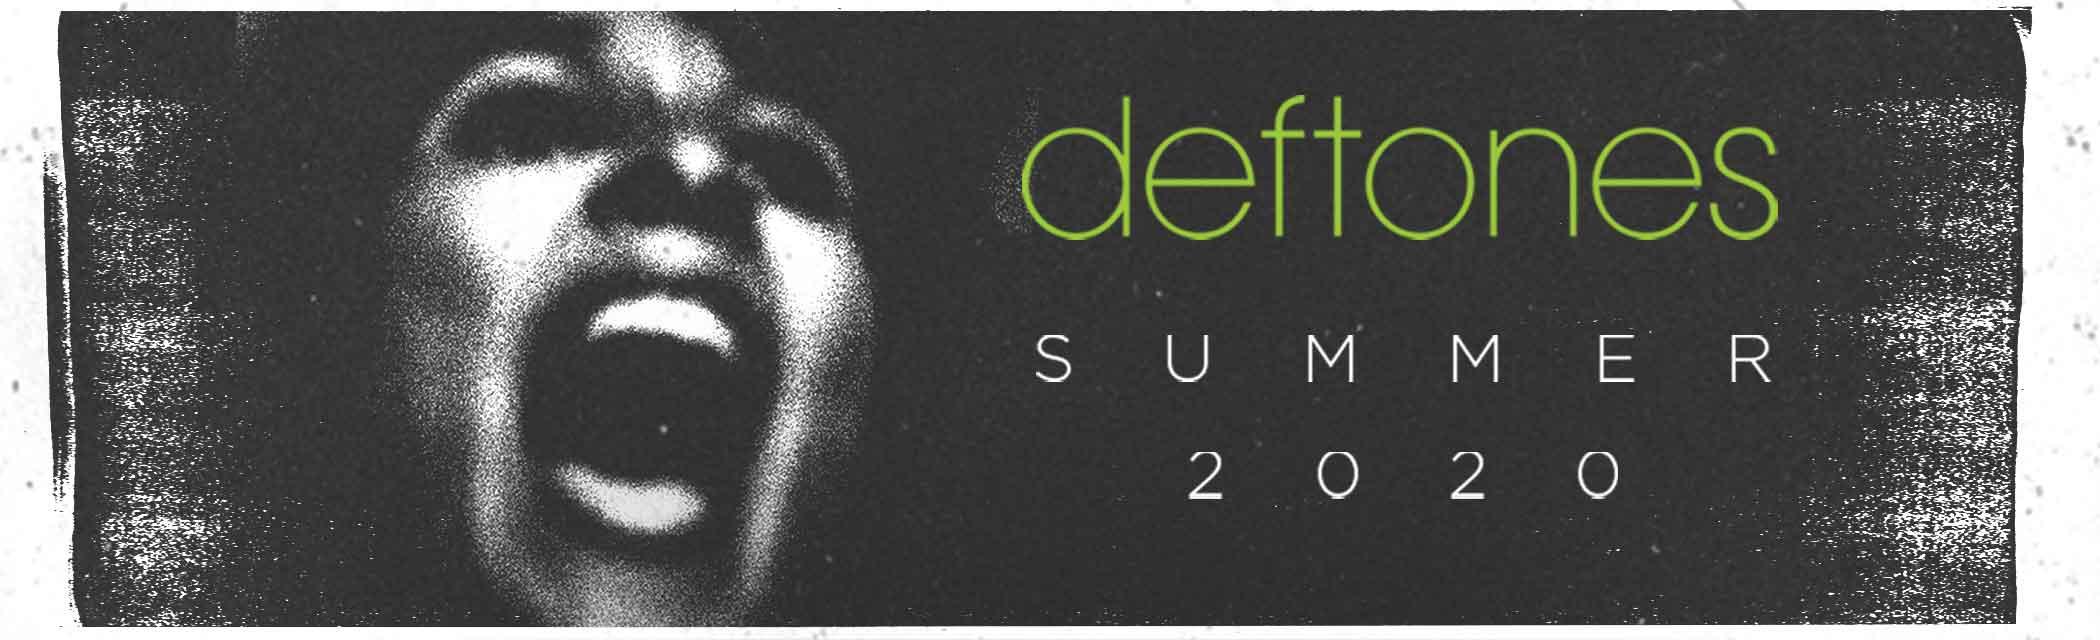 Summer Tour 2020